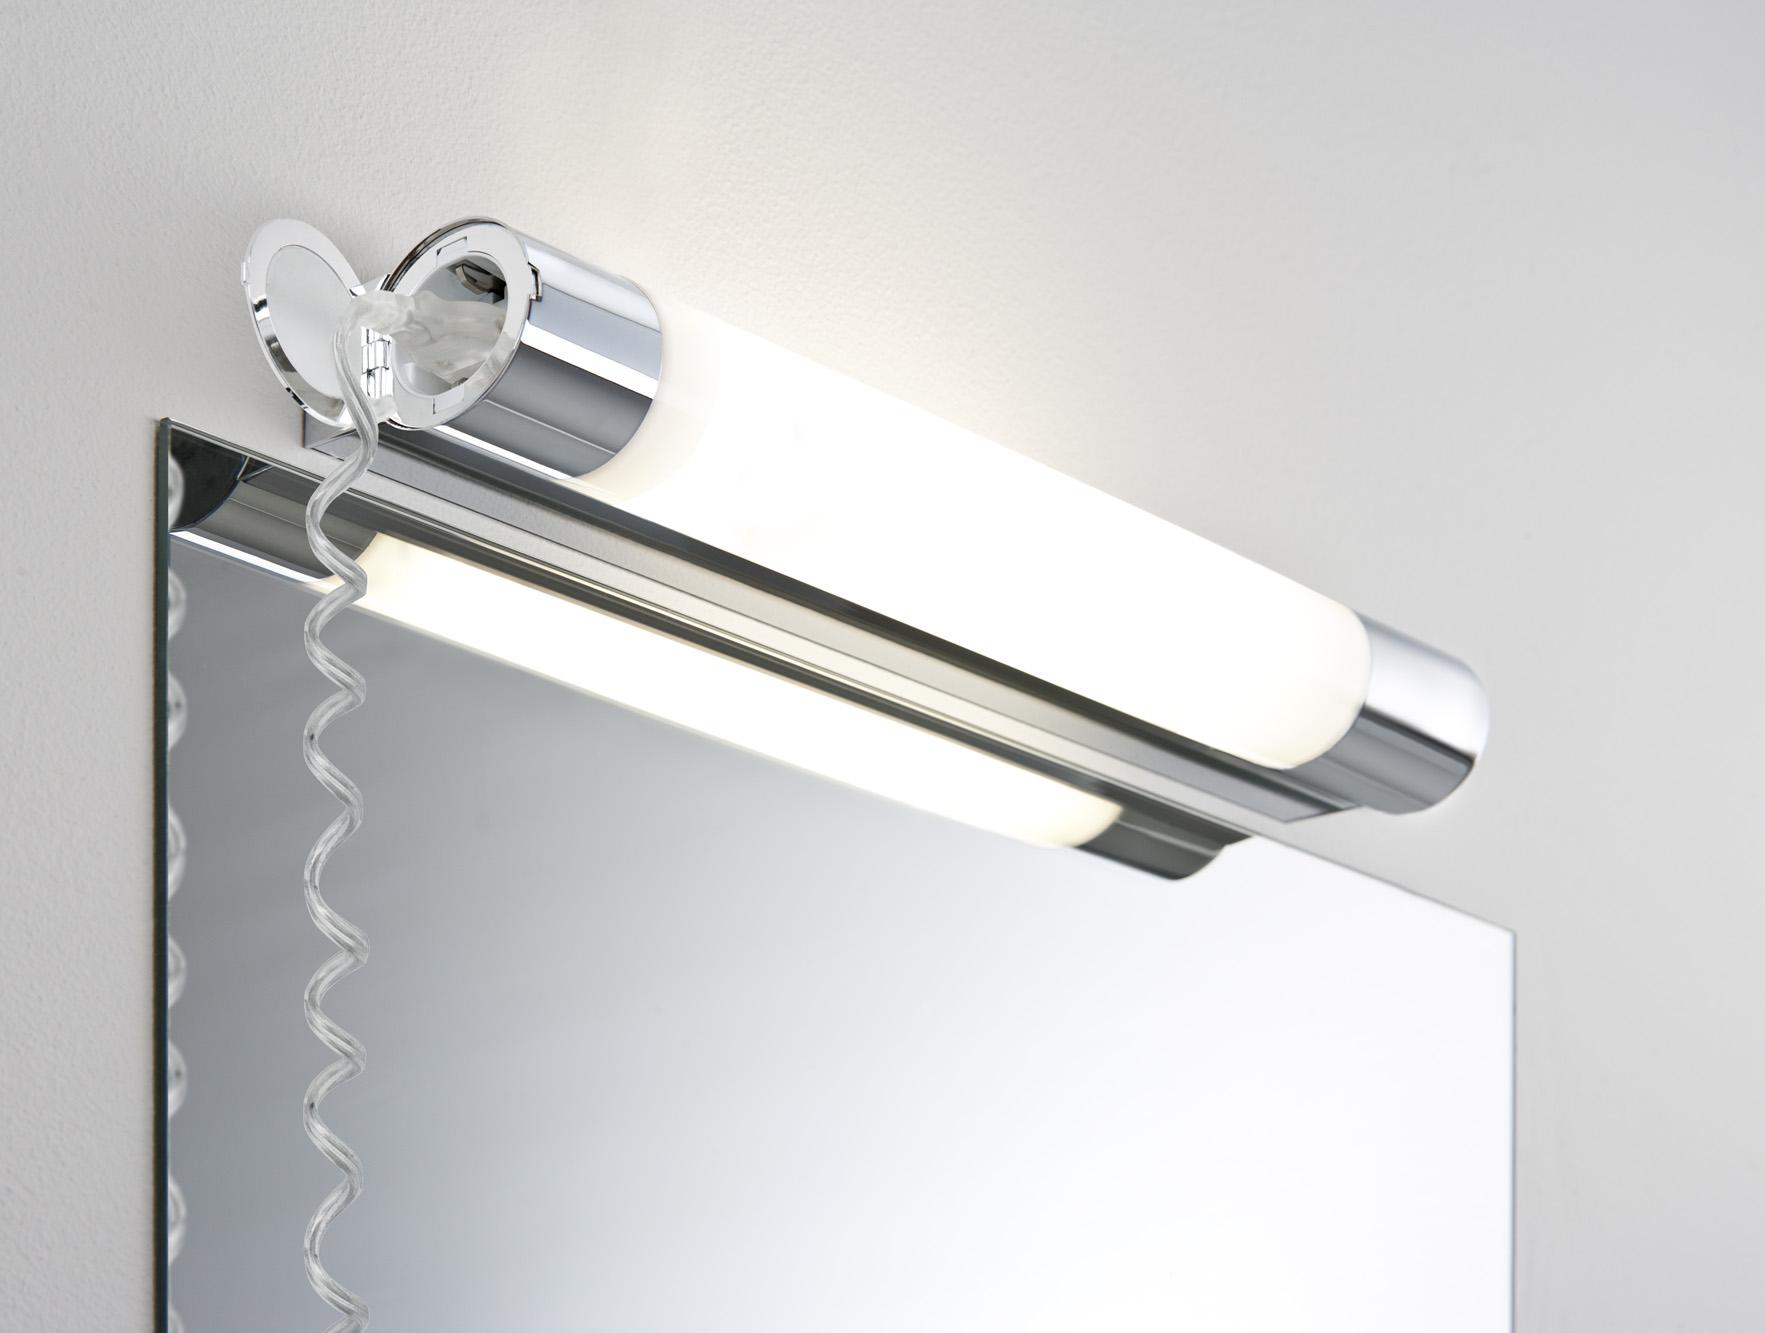 Applique murale avec interrupteur salle de bain - Idée de luminaire ...